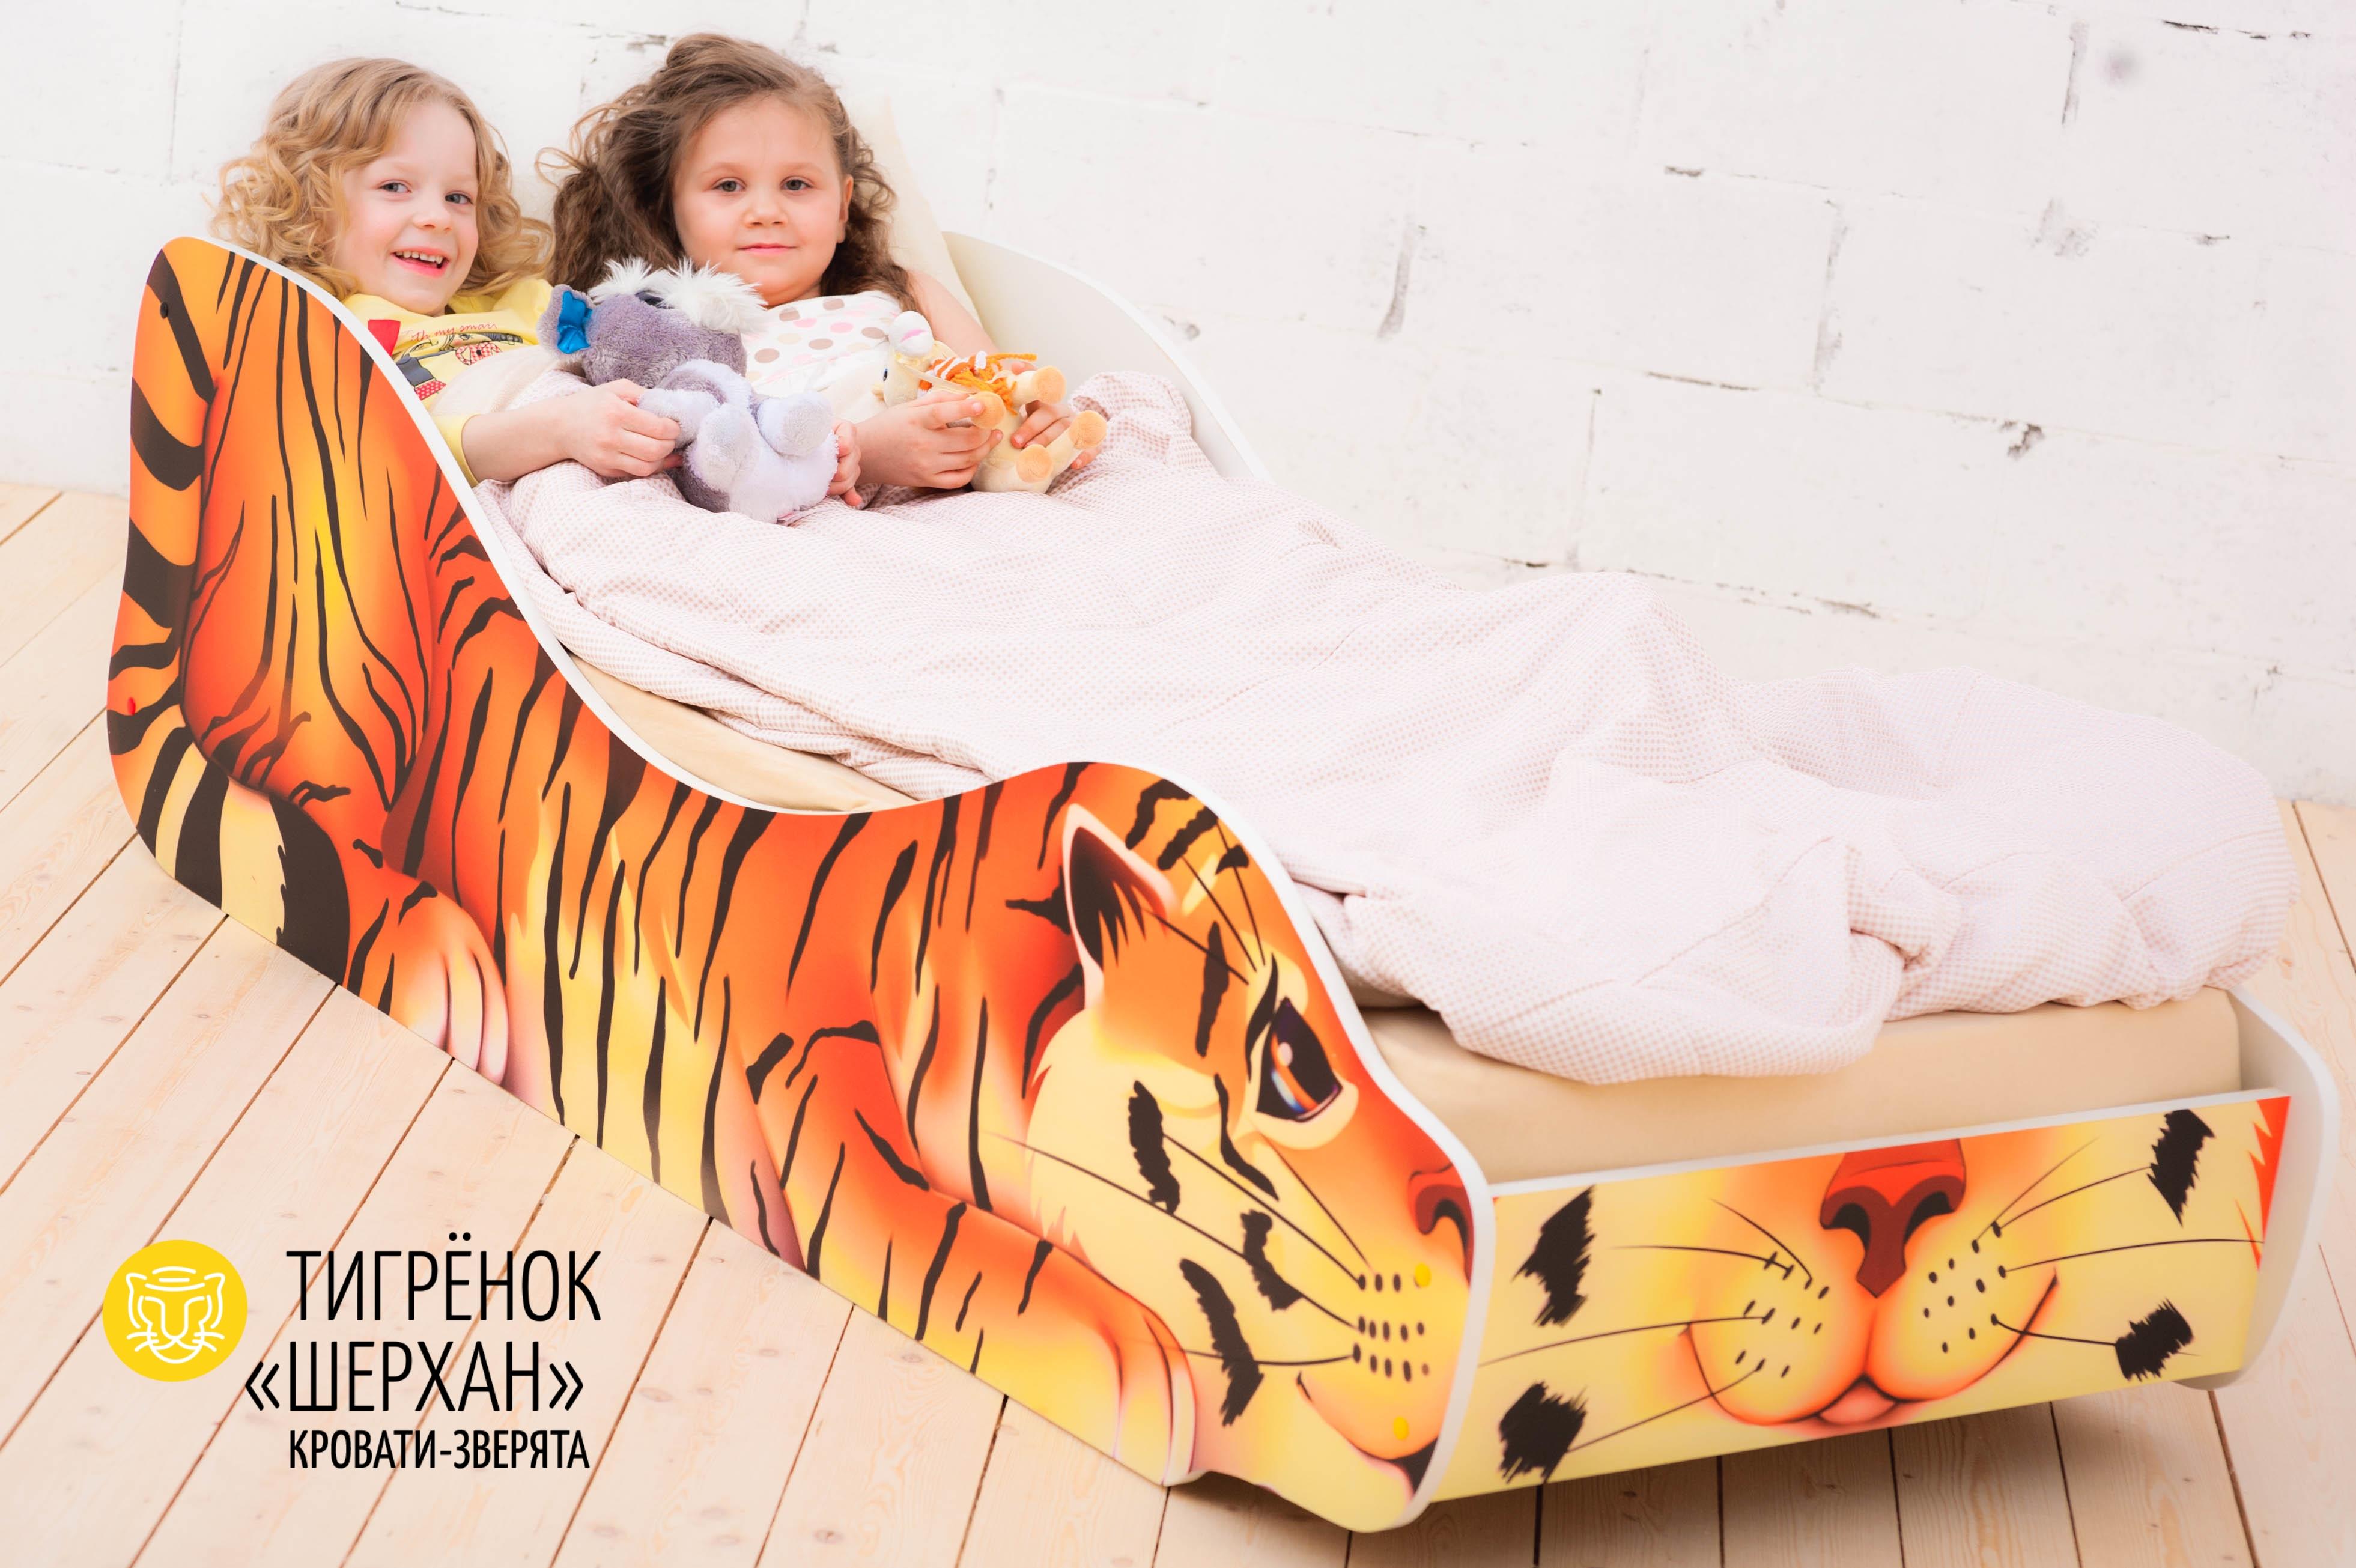 Детская кровать-зверенок -Тигренок-Шерхан-13